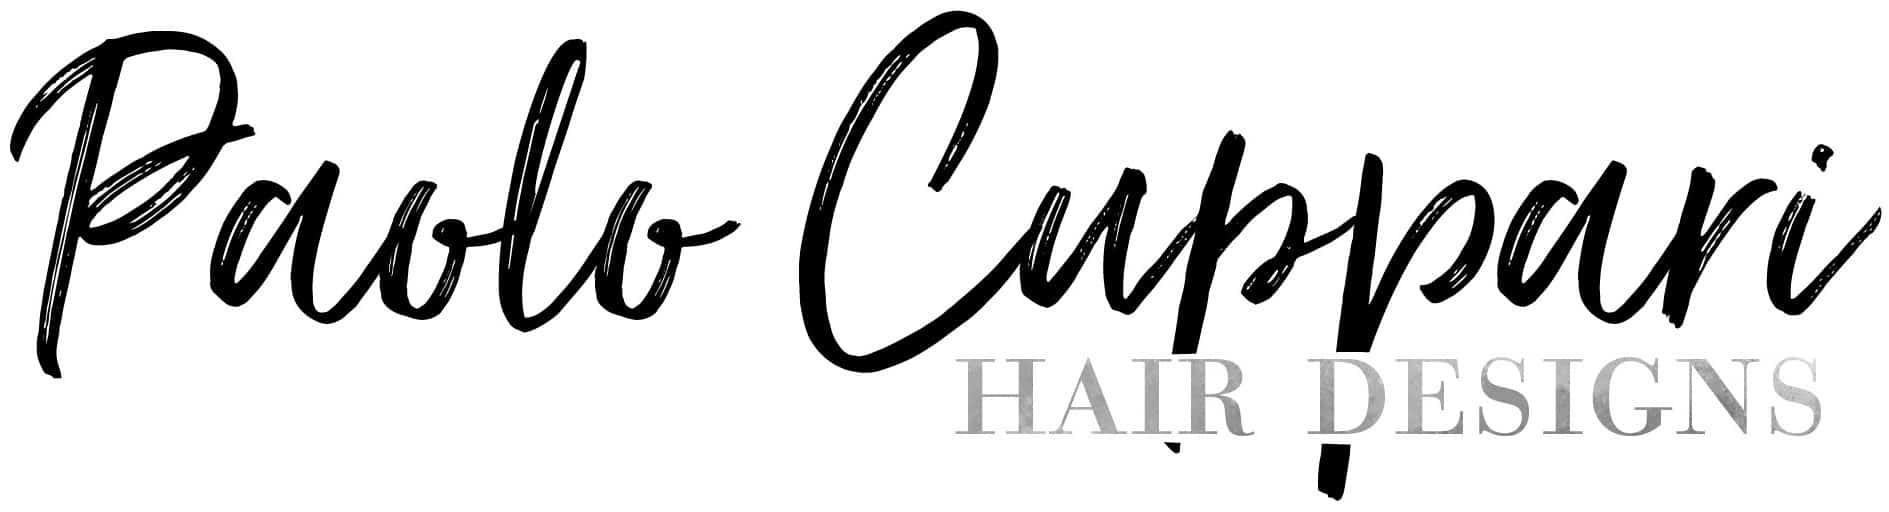 Paolo Cuppari Hair Design